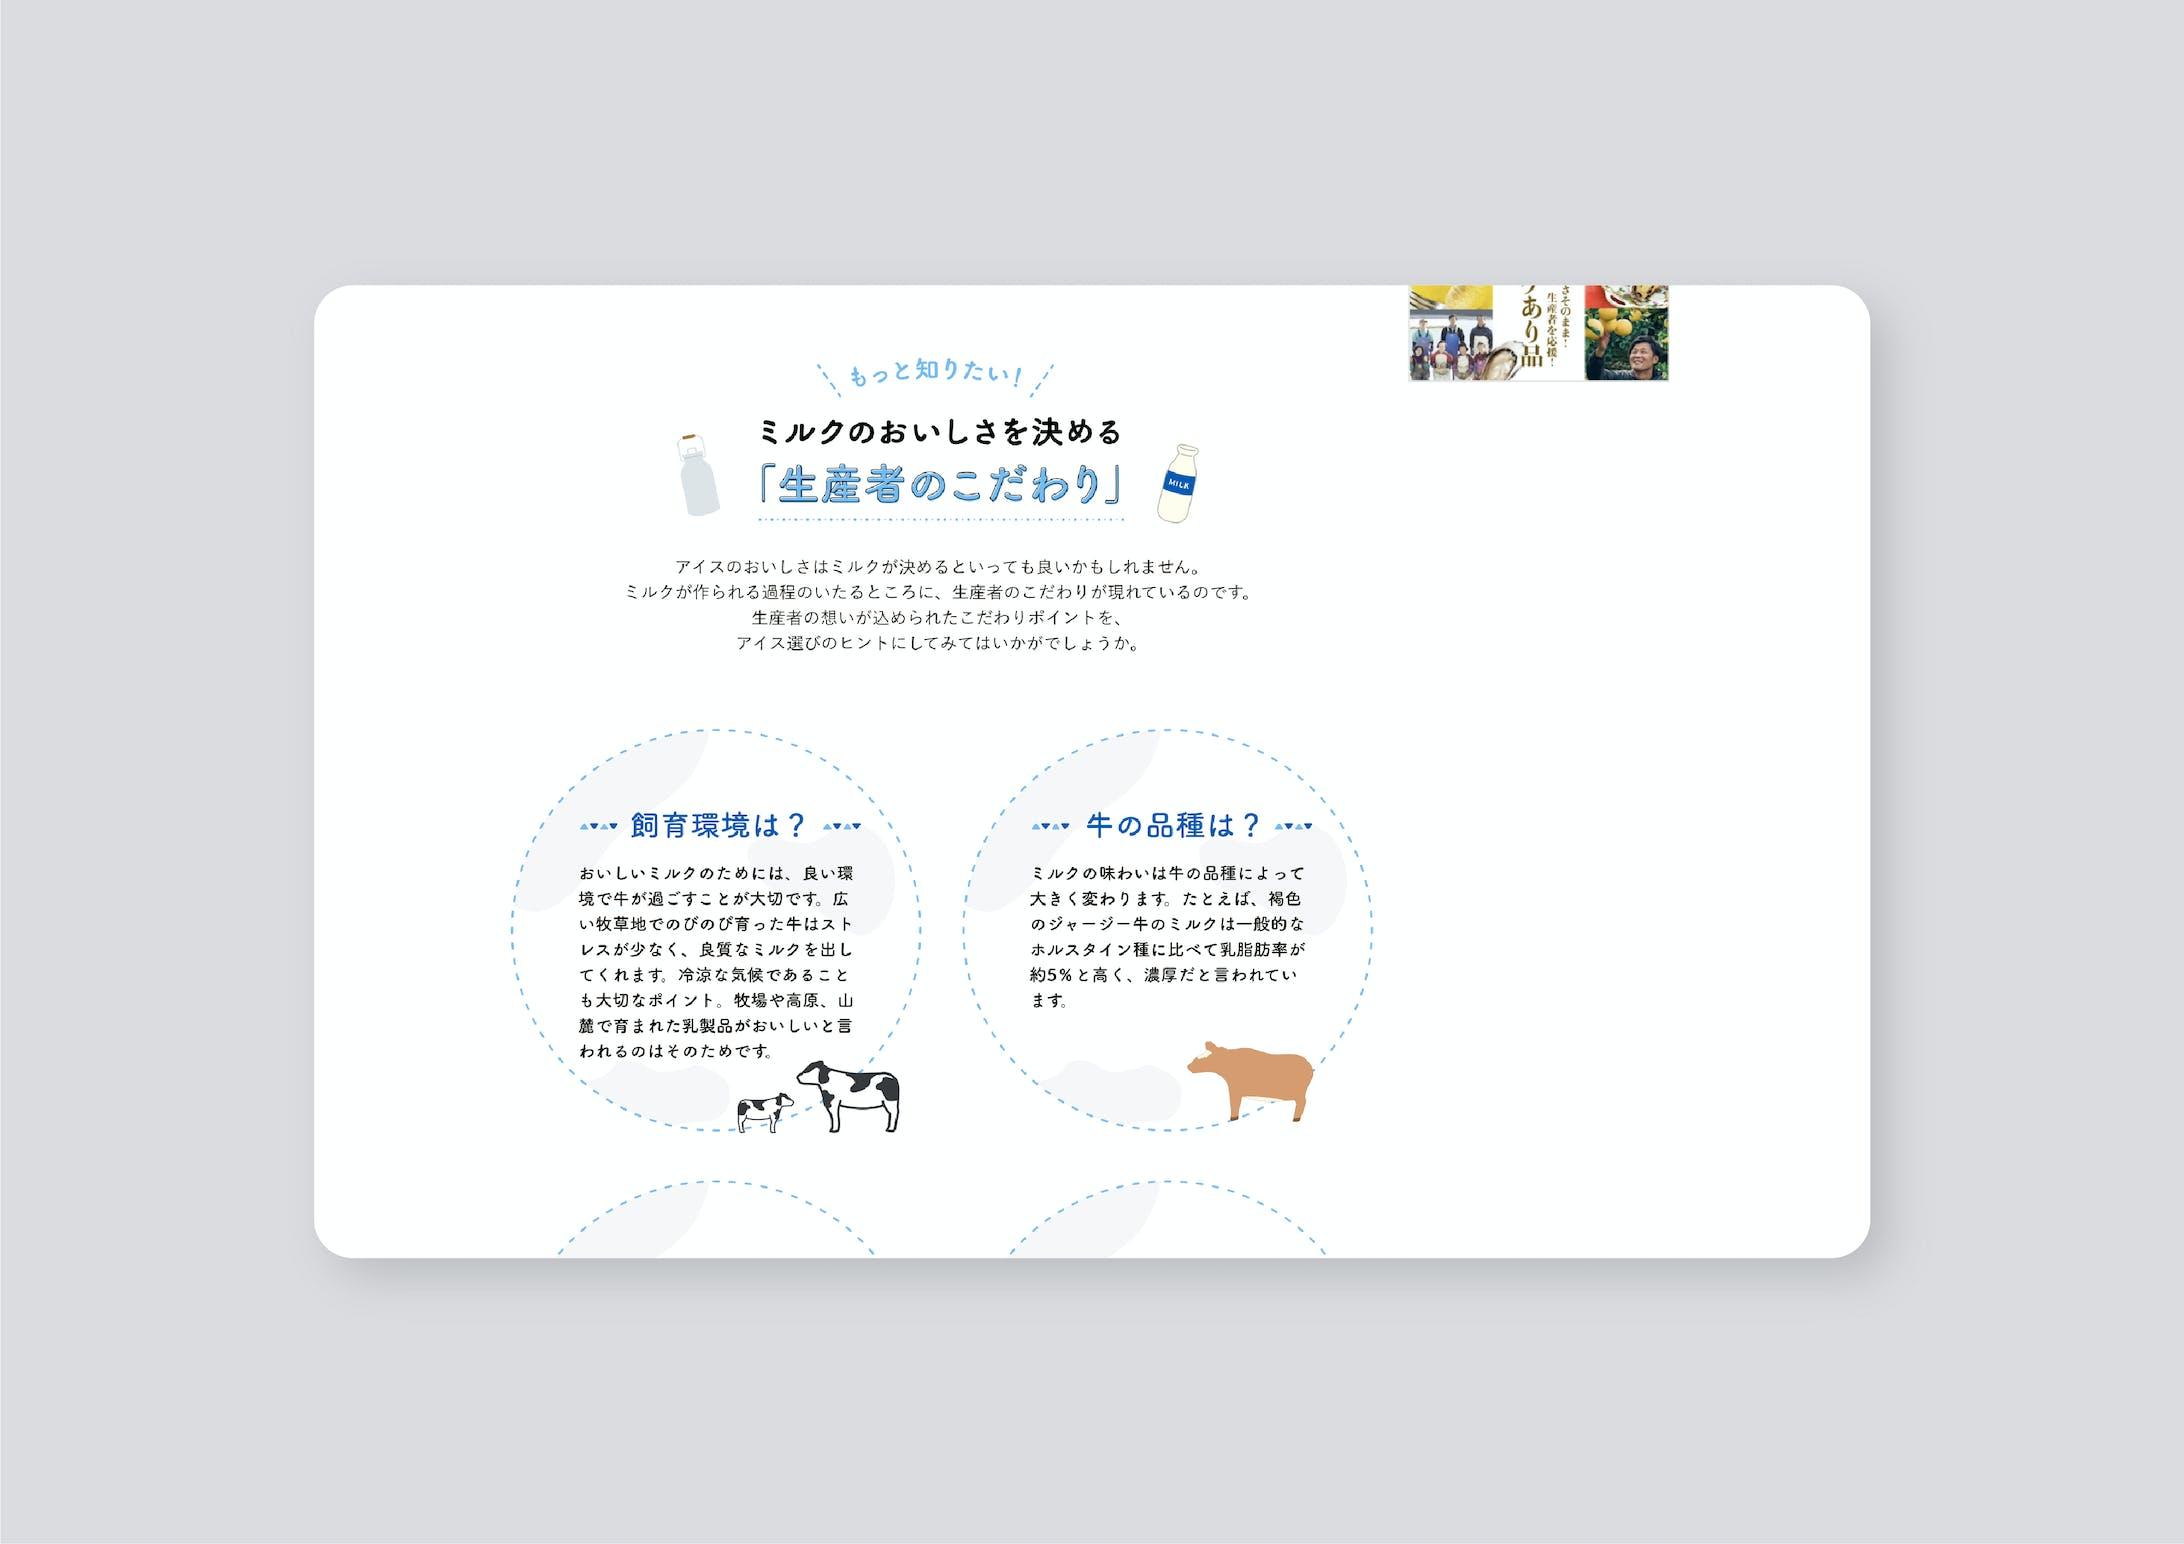 ふるさとチョイス - アイス特集-3